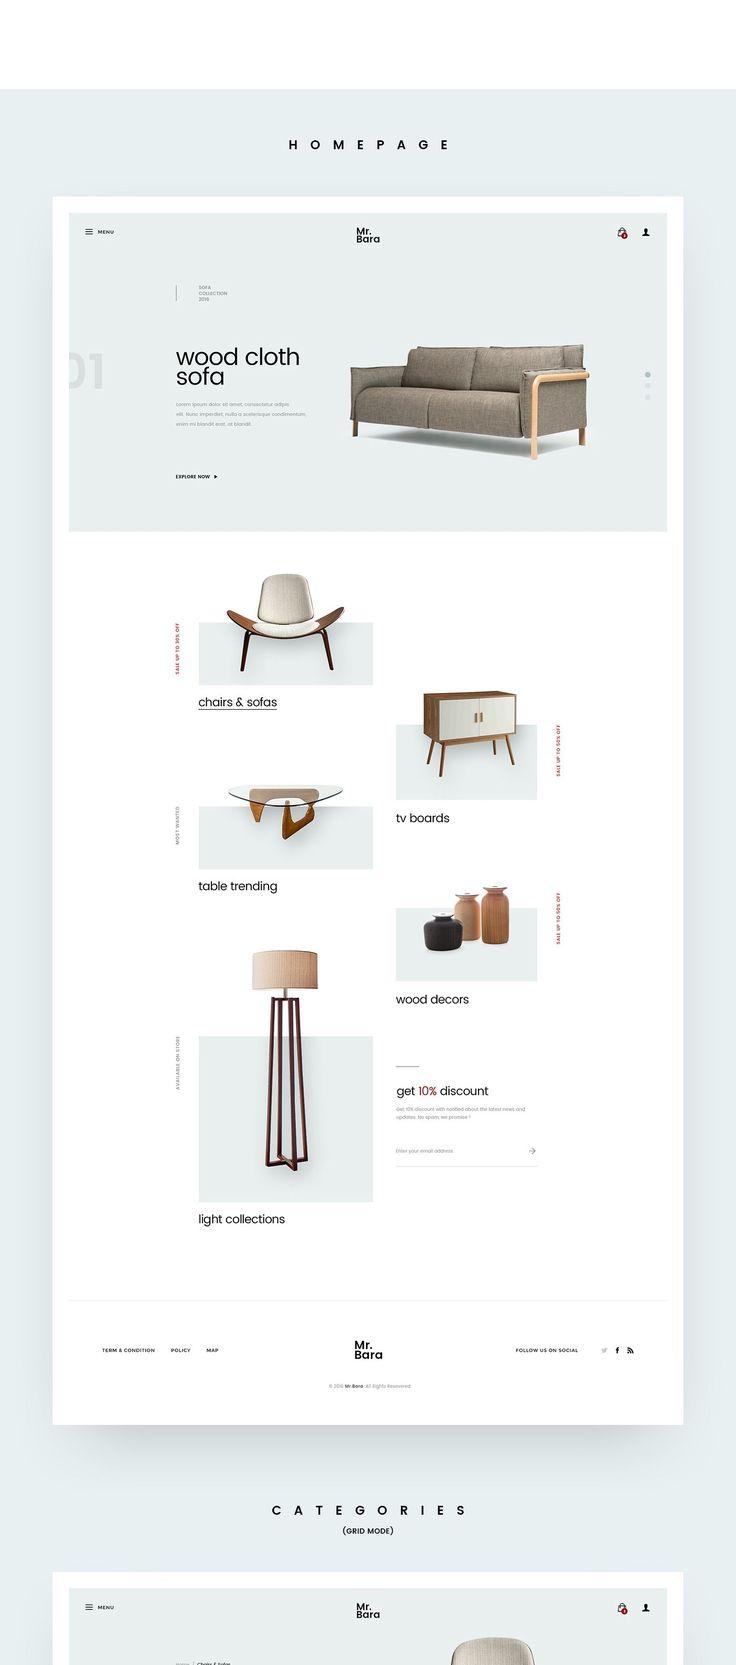 Ознакомьтесь с этим проектом @Behance: «Furniture Site Concept» https://www.behance.net/gallery/46712255/Furniture-Site-Concept